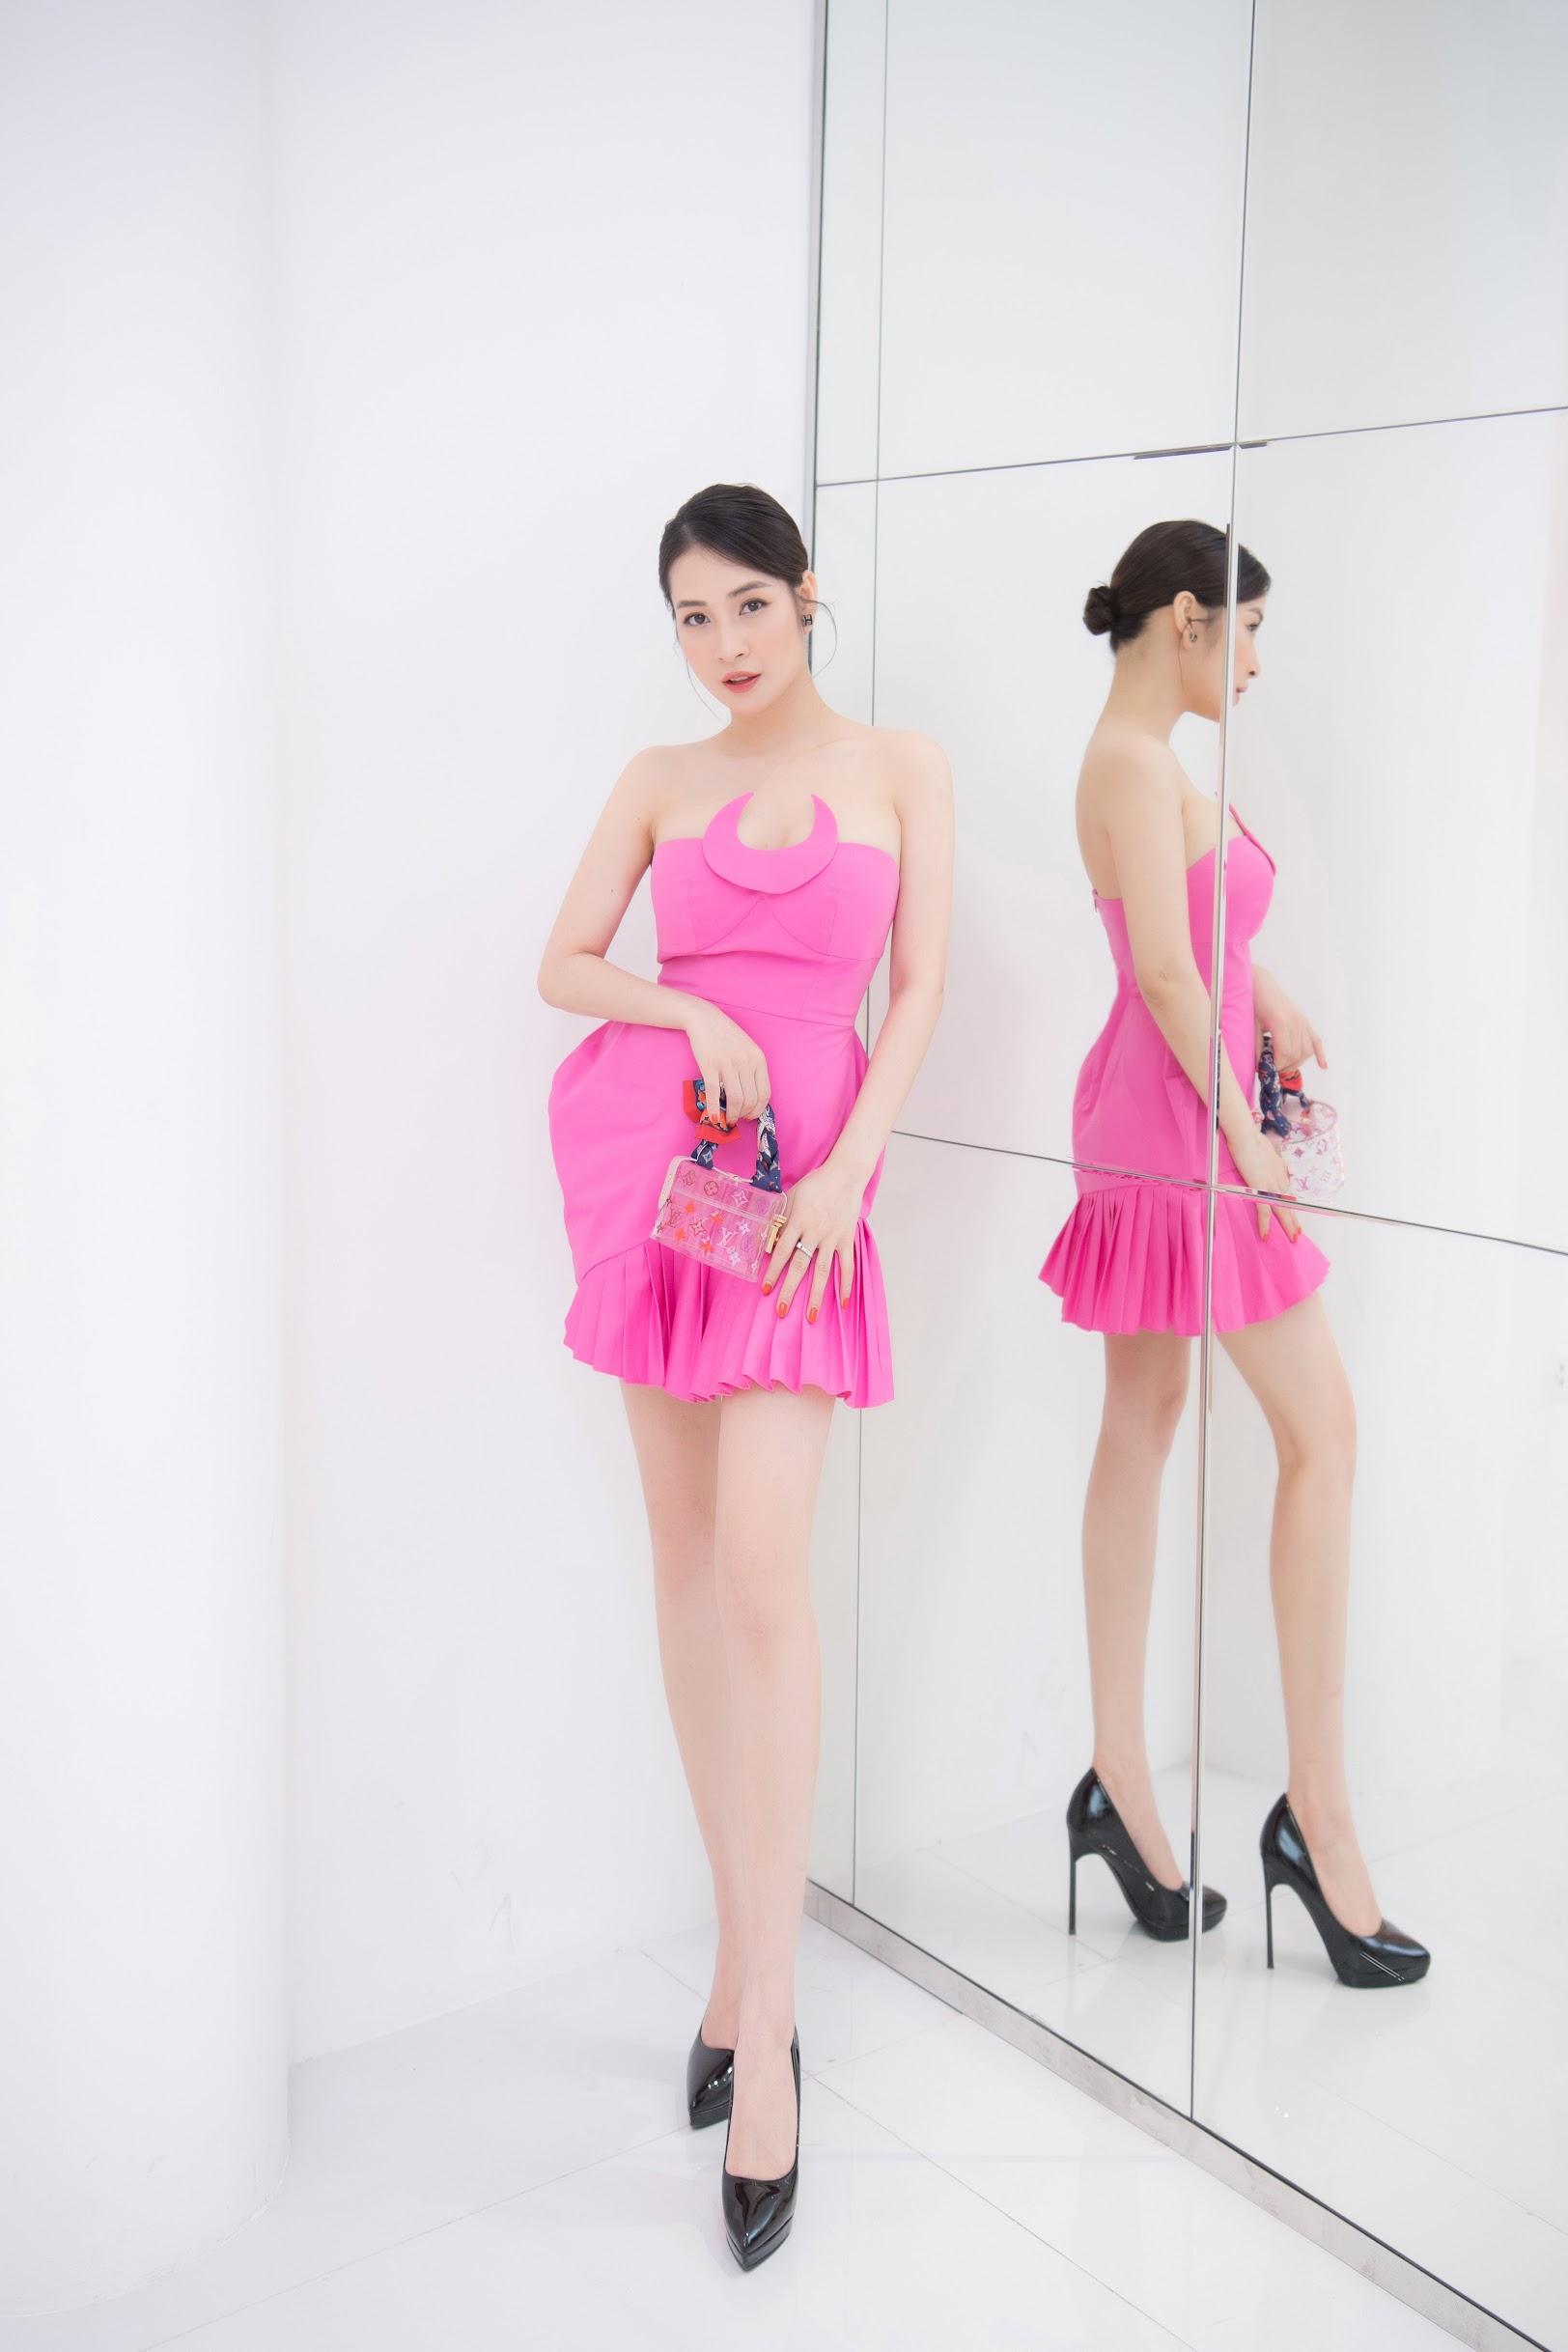 Cô kết hợp váy áo cùng những mẫu túi xách hàng hiệu đắt đỏ của Louis Vuitton, Hermes, giúp trang phục thêm đẳng cấp.